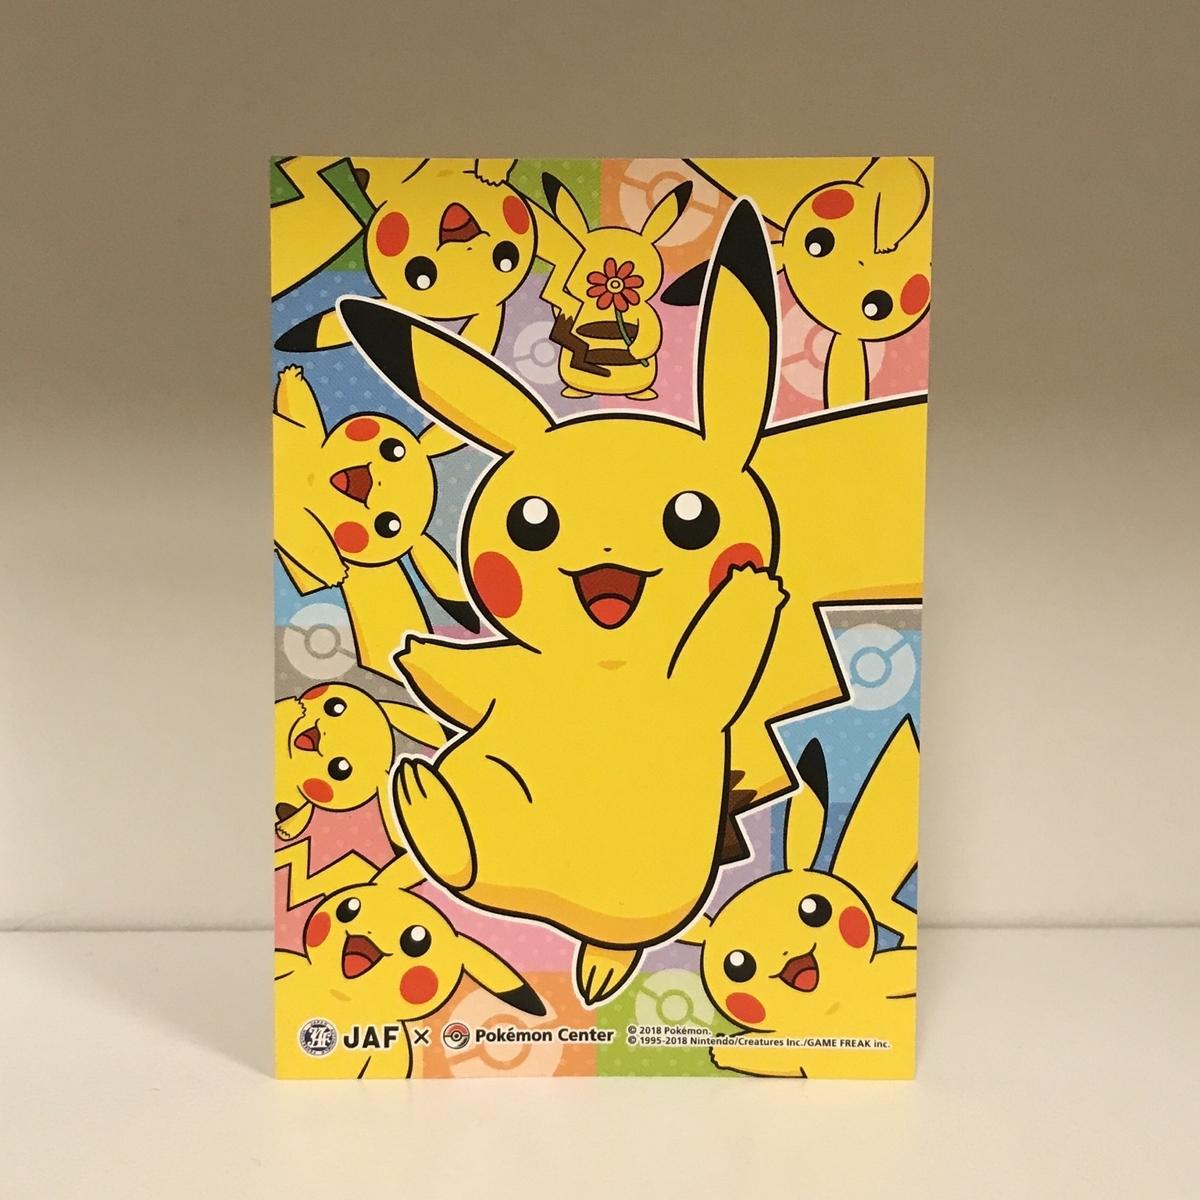 f:id:pikachu_pcn:20190406002206j:plain